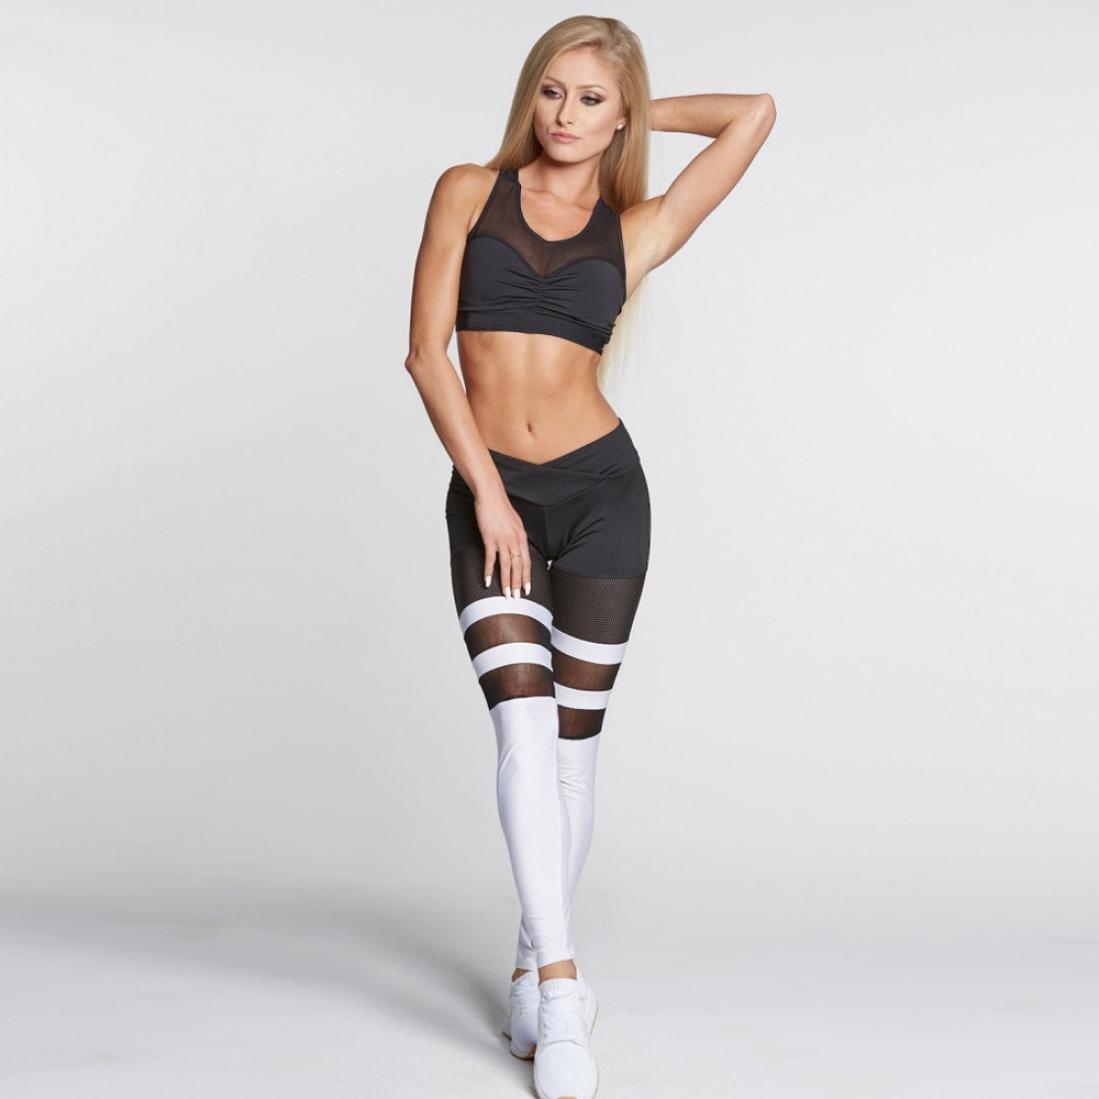 Igemy Frauen Sport Gym Yoga Workout Mid Taille Laufen Hosen Fitness Elastische Leggings